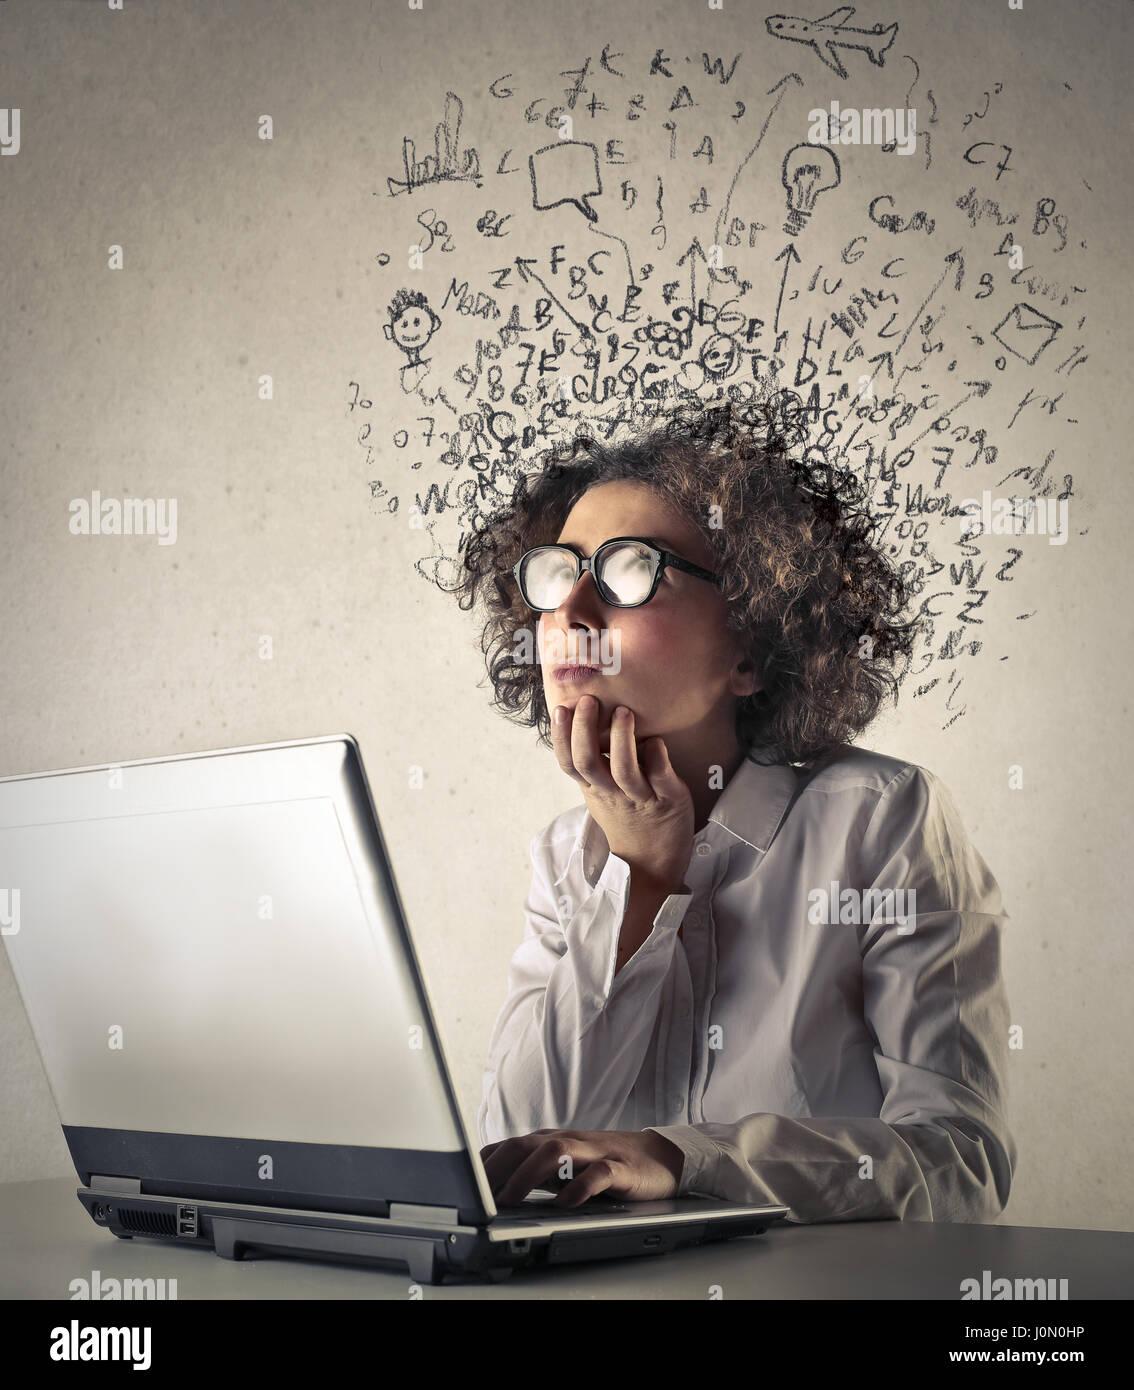 Mujer pensando en frente del portátil Imagen De Stock